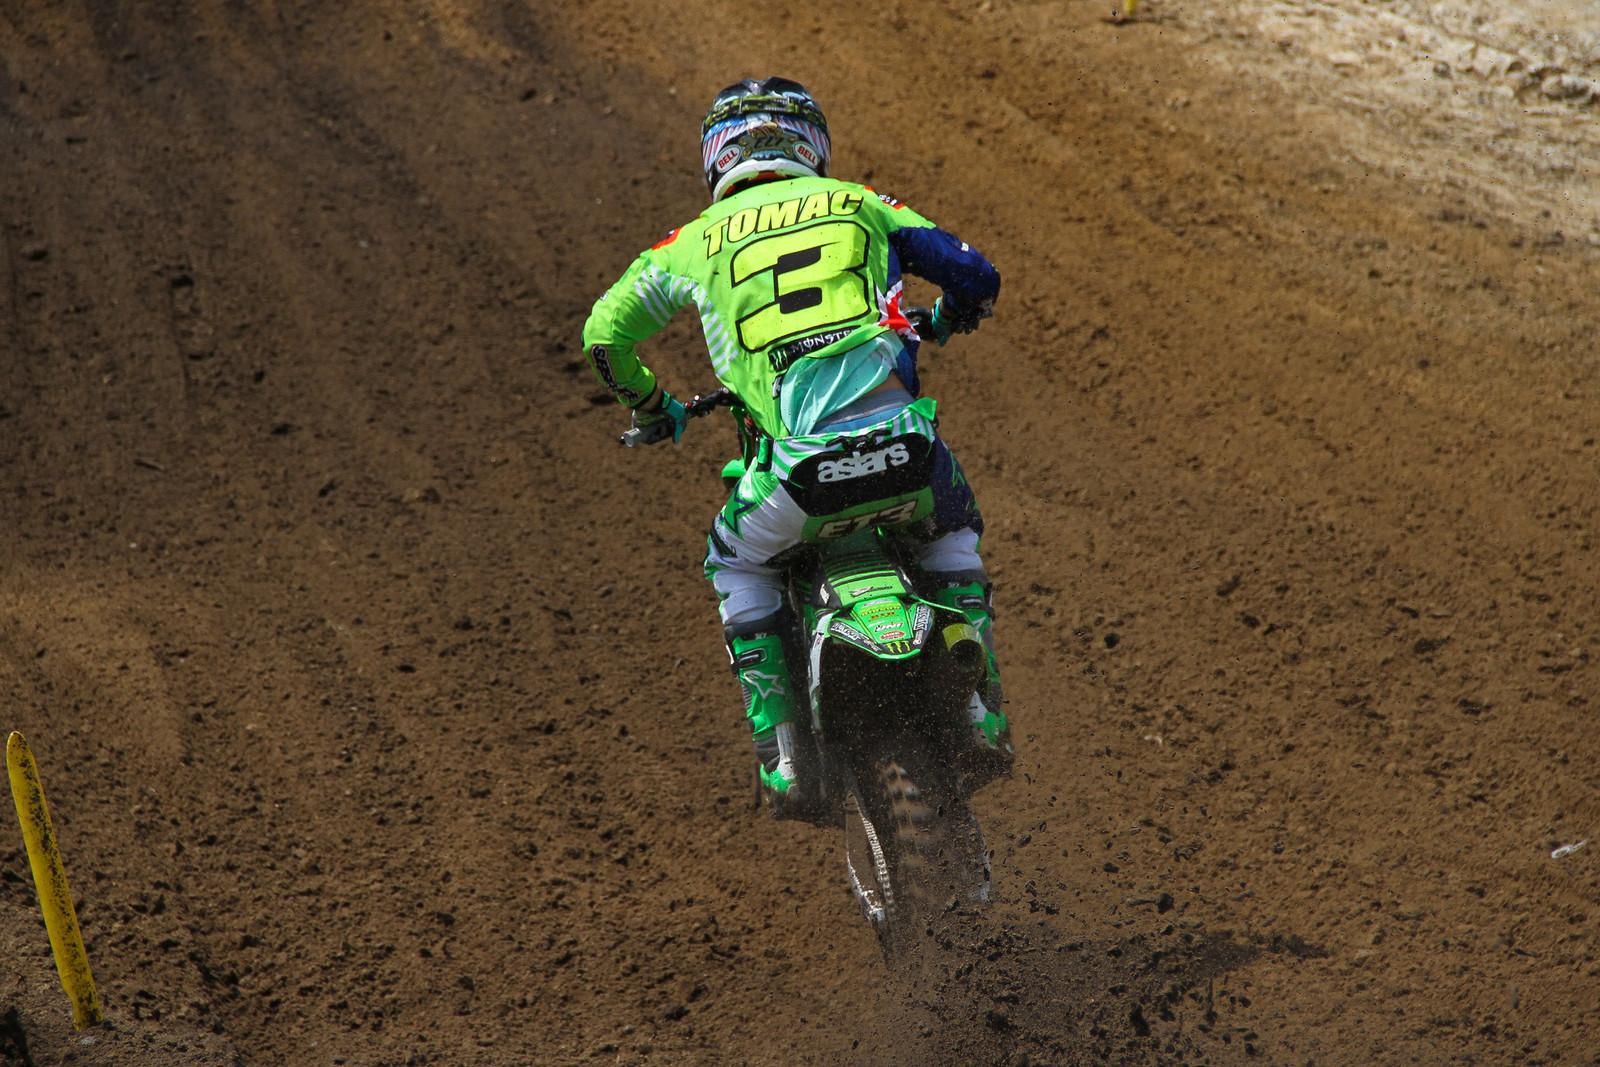 Eli Tomac - ayearinmx - Motocross Pictures - Vital MX